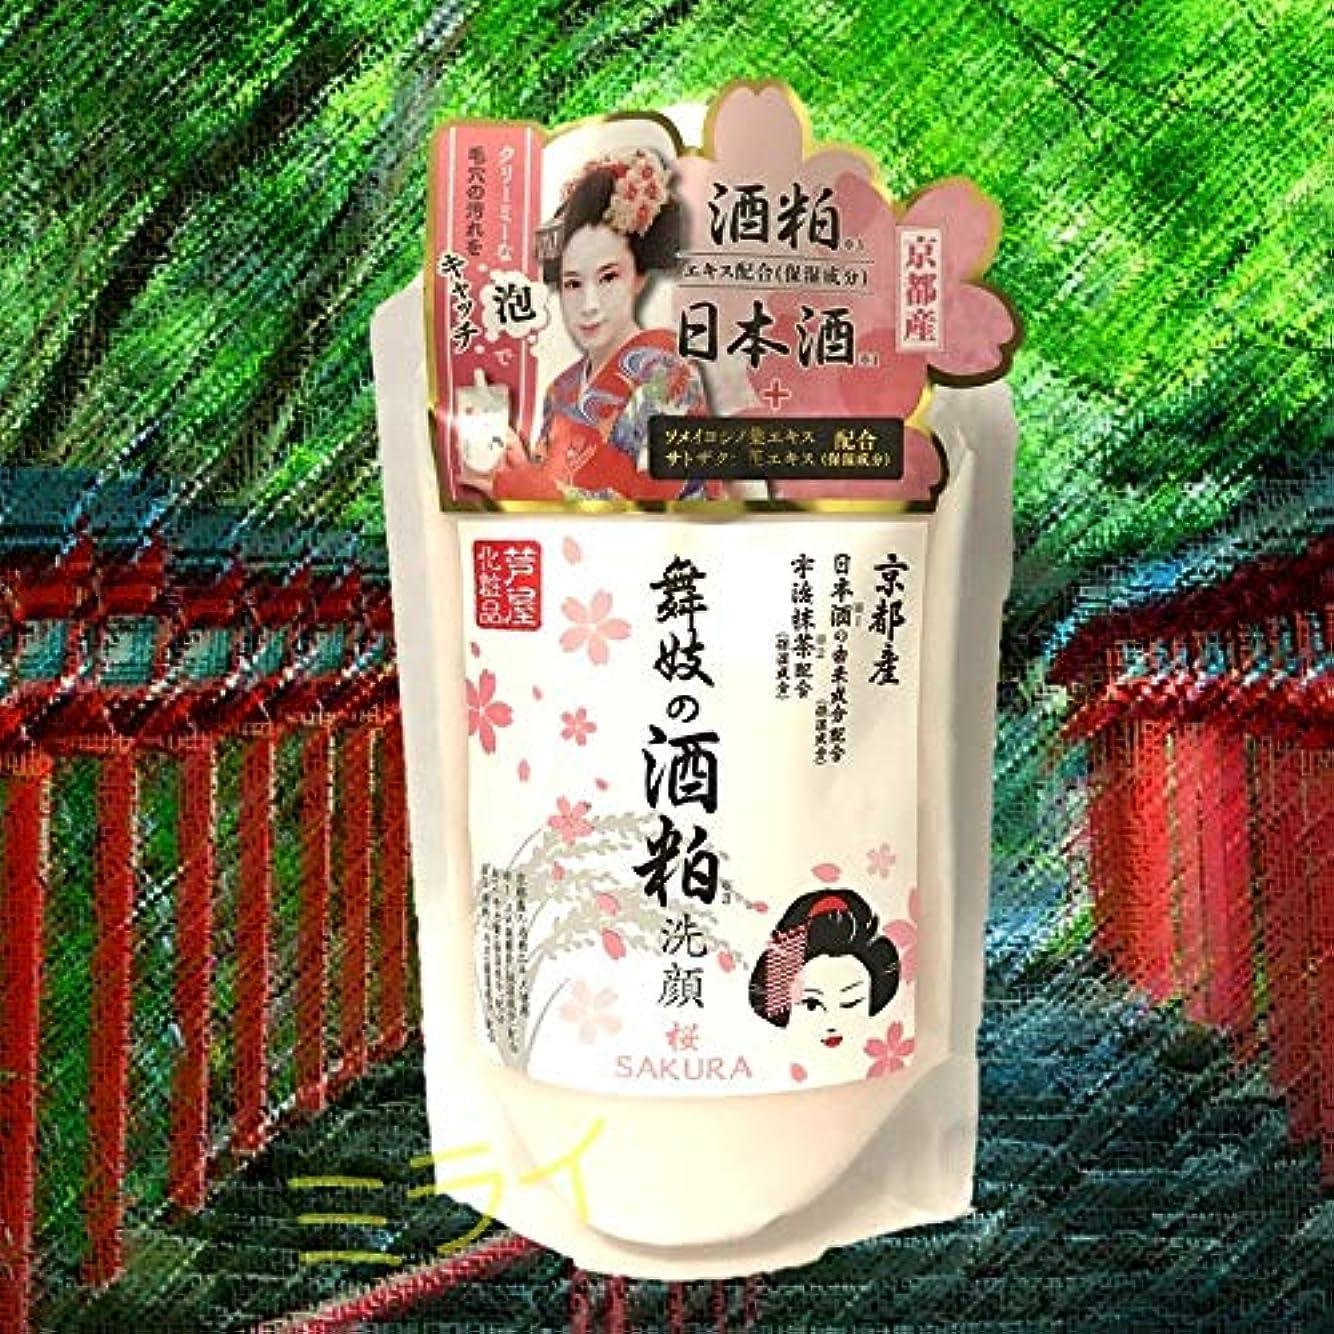 リクルート分割酔う芦屋化粧品 舞妓の酒粕洗顔 桜 170g